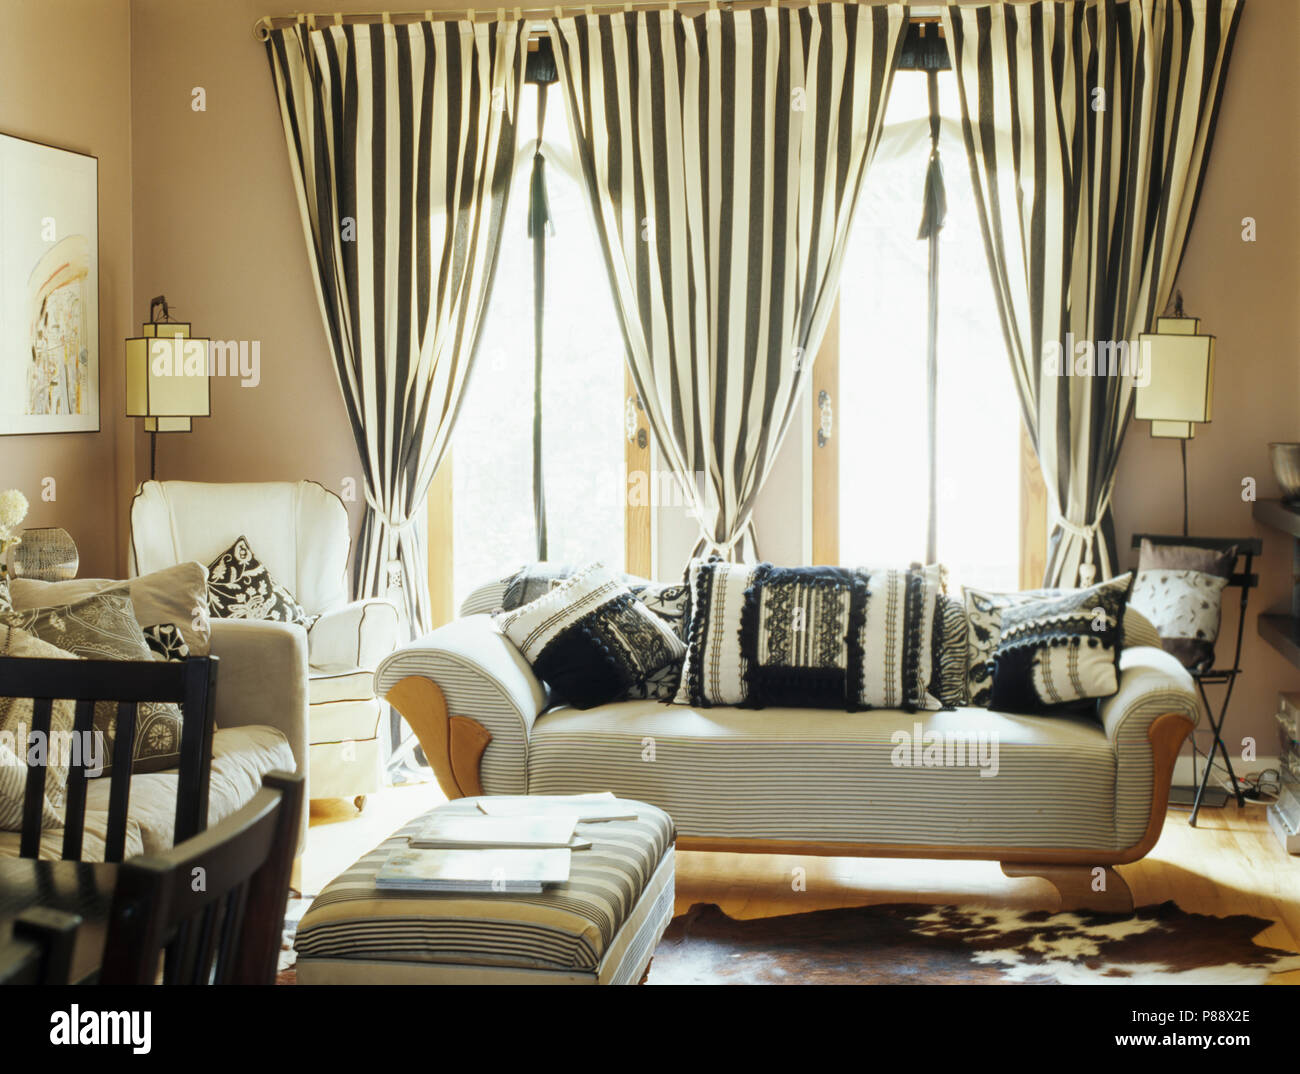 Schwarz-weiß gestreifte Vorhänge auf Glas Türen hinter weißen Sofa ...